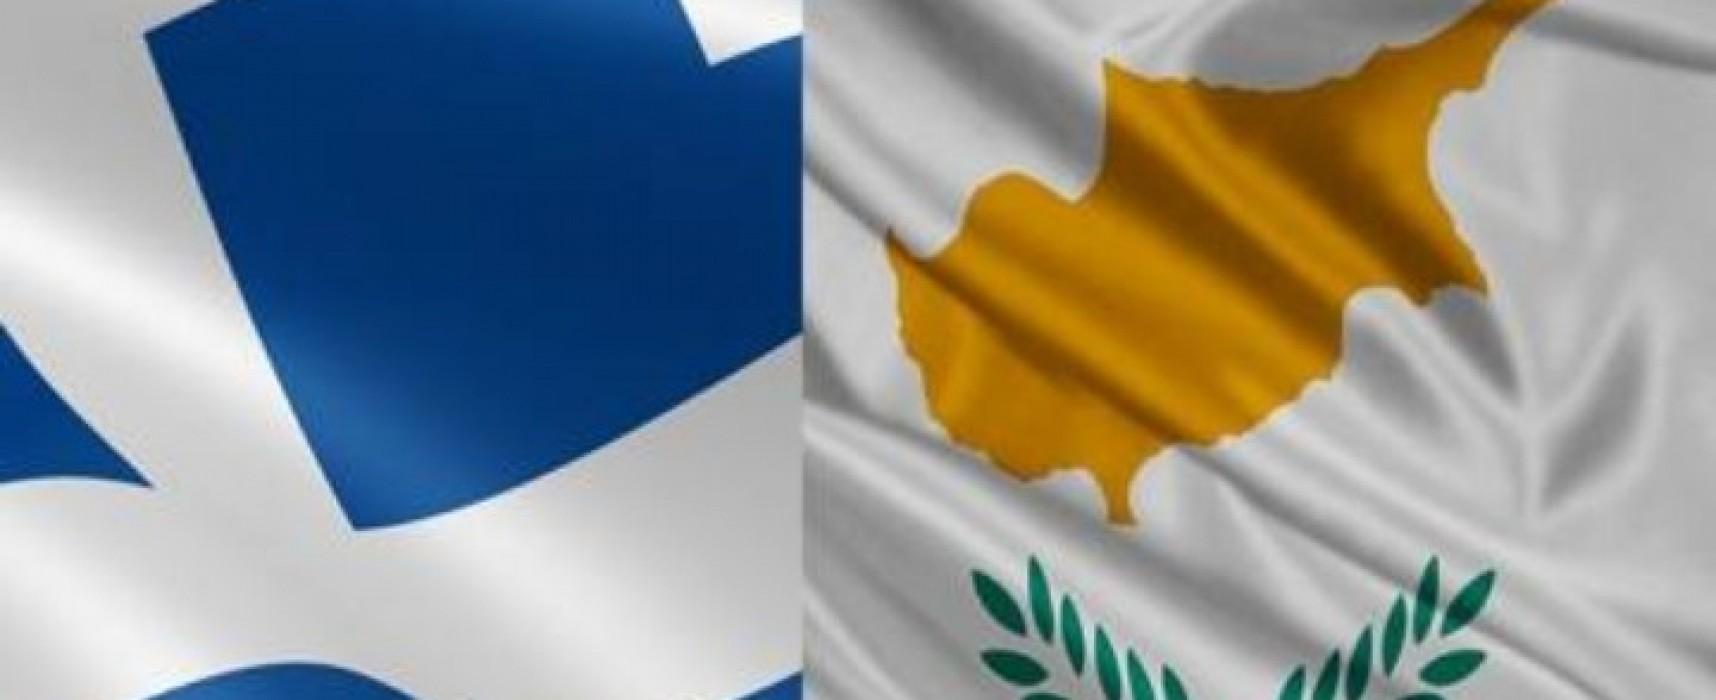 Αλλαγή στο αγωνιστικό πρόγραμμα – Τρόπος επιλογής της Εθνικής  Ομάδας για τον αγώνα Aphrodite Cup 2017 στην Κύπρο